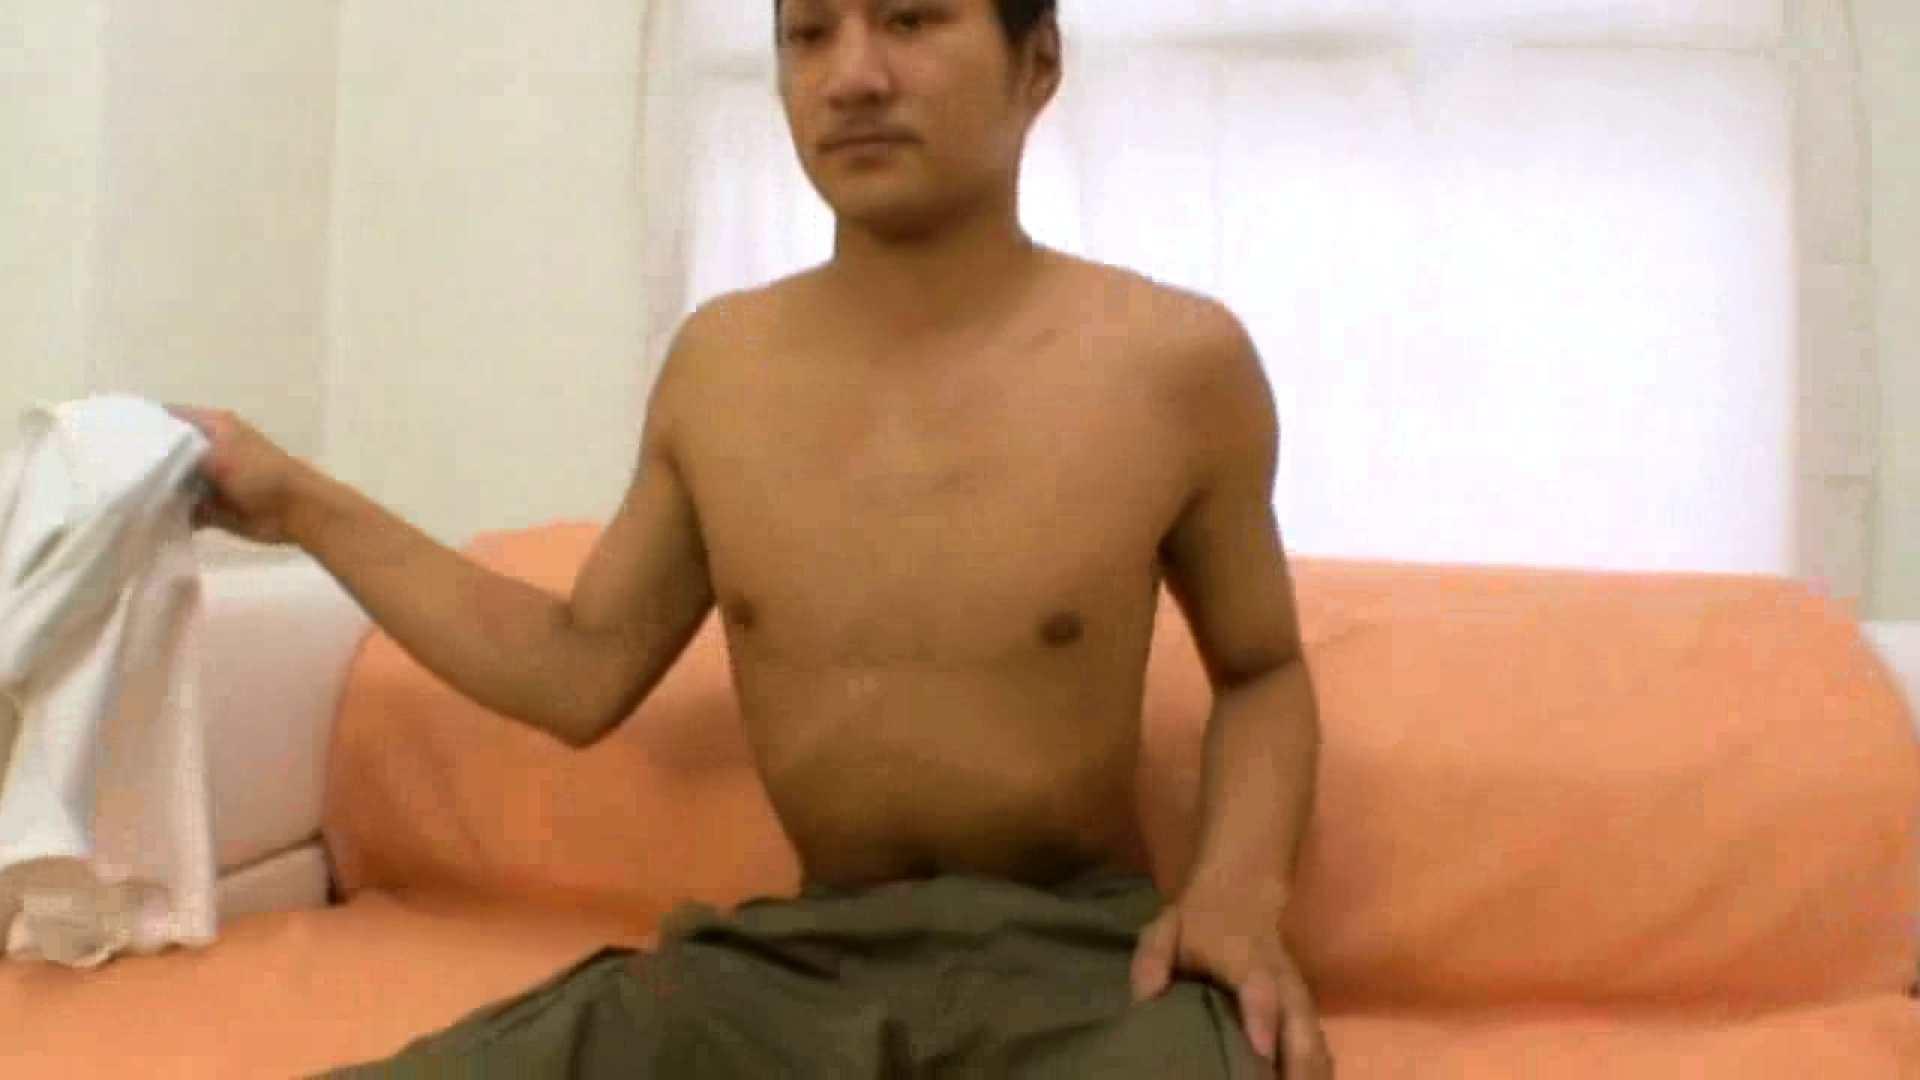 ノンケ!自慰スタジオ No.04 イメージ (sex)   オナニー ゲイエロ画像 80枚 37